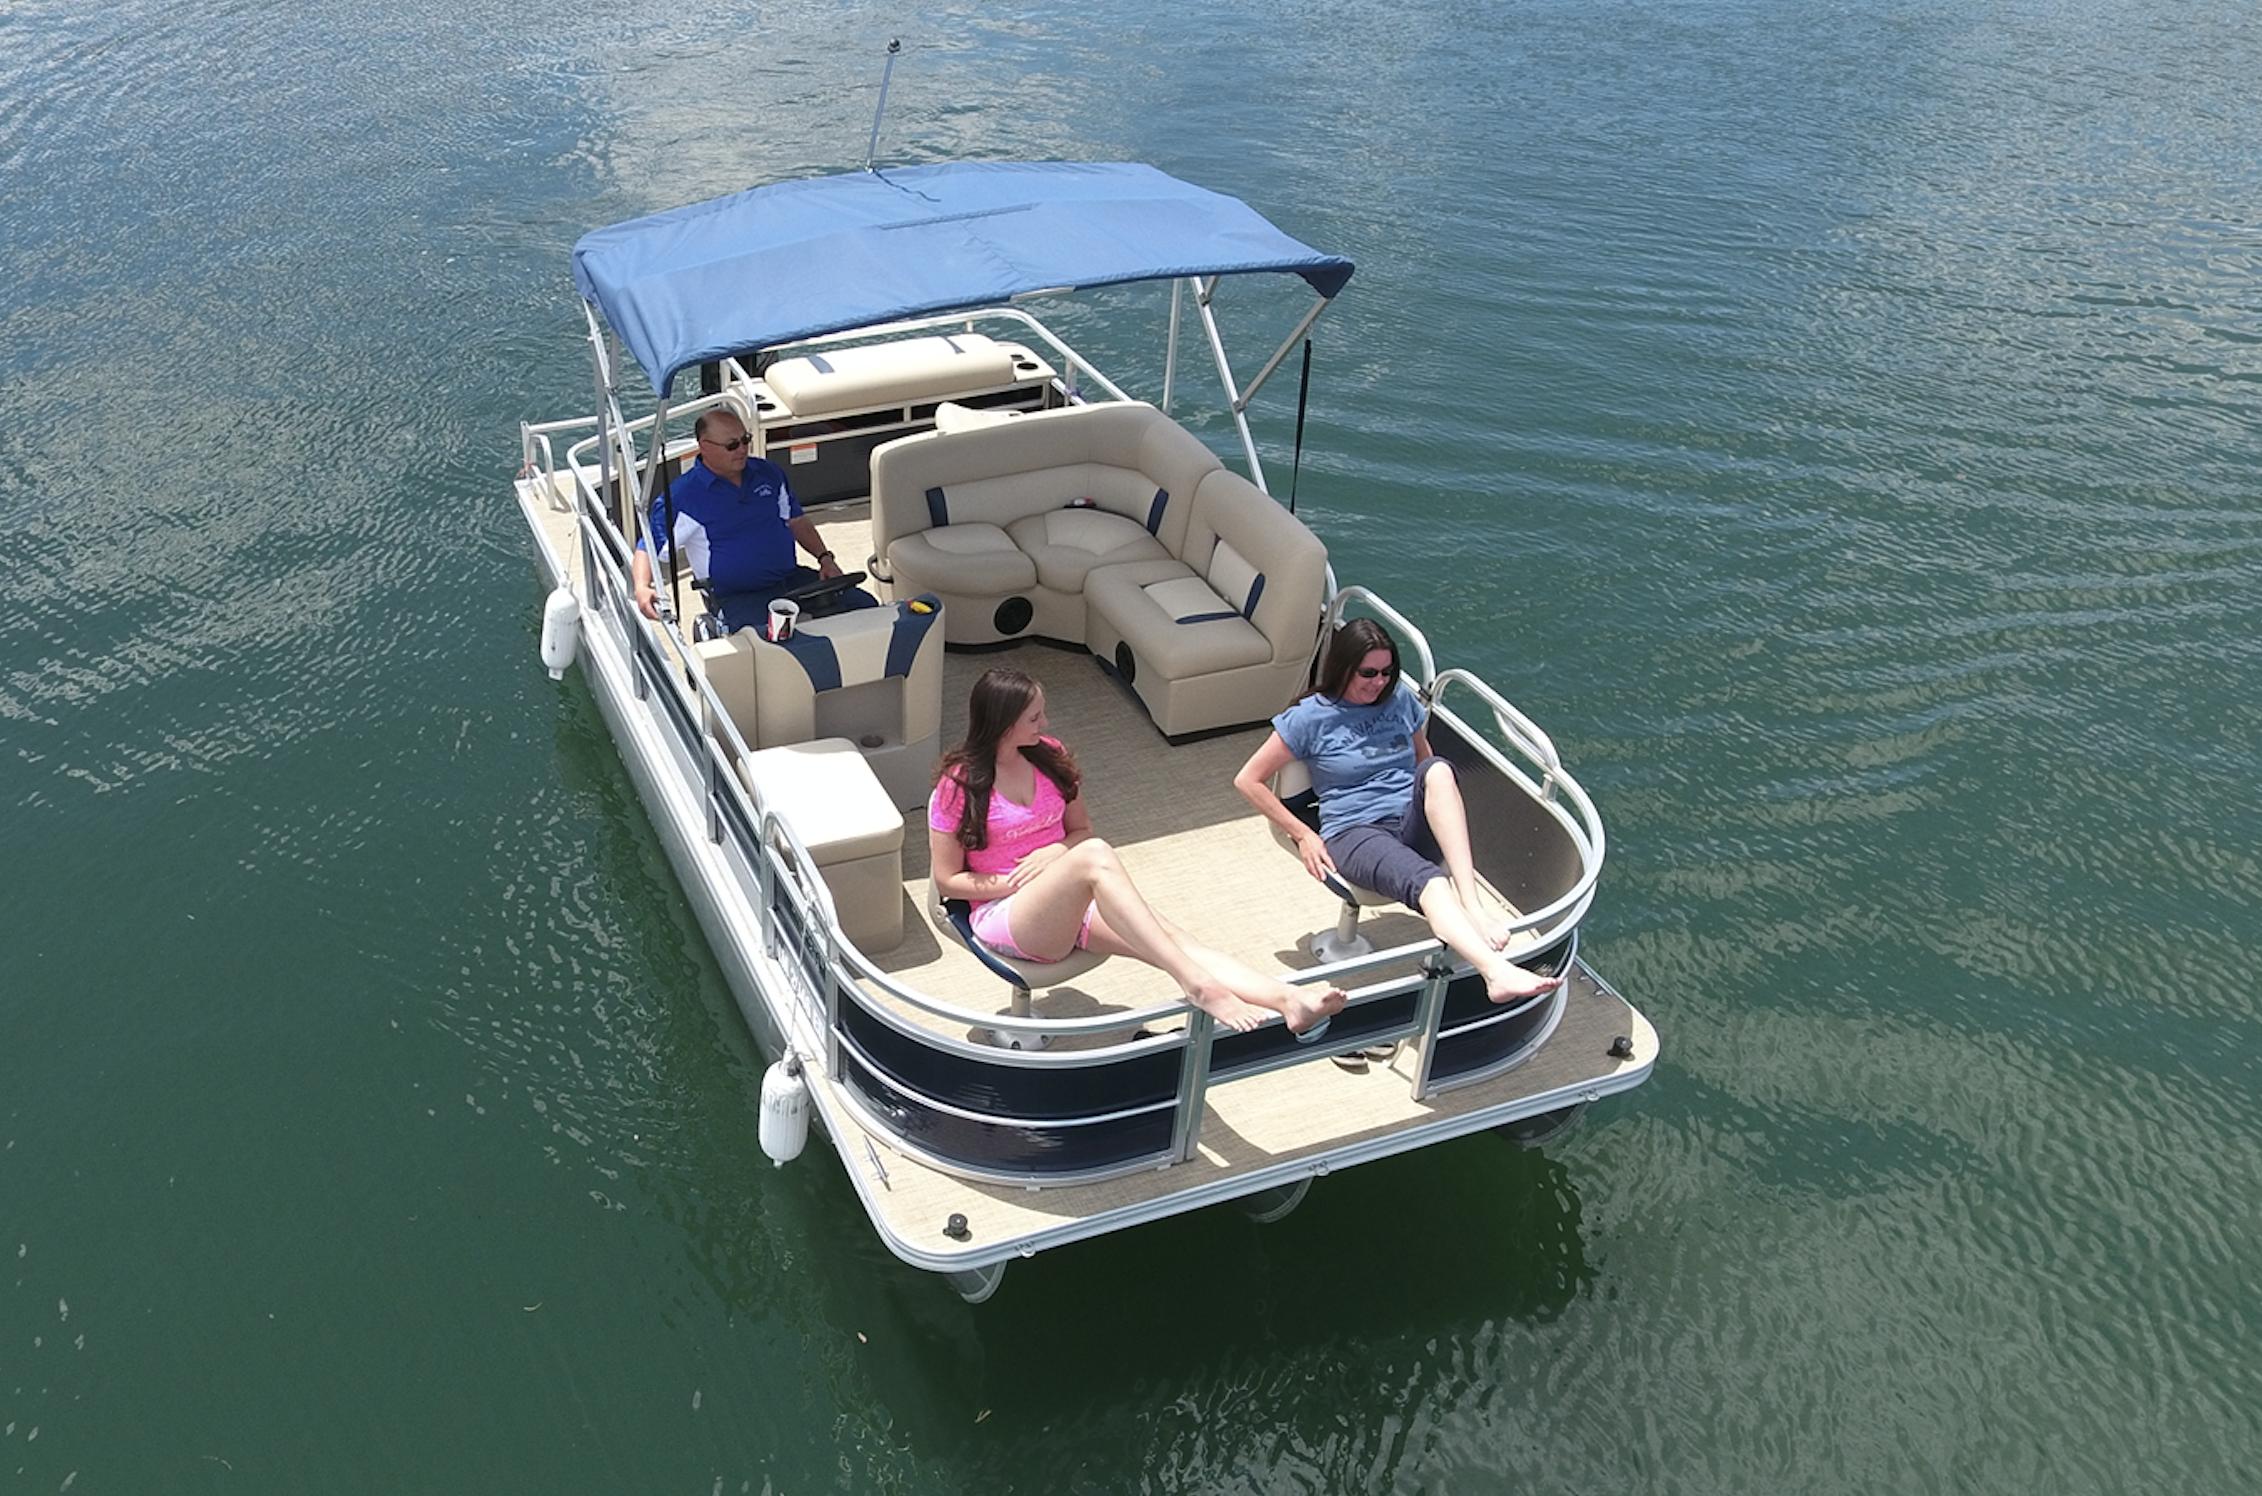 Boat Rentals | Navajo Lake Marina